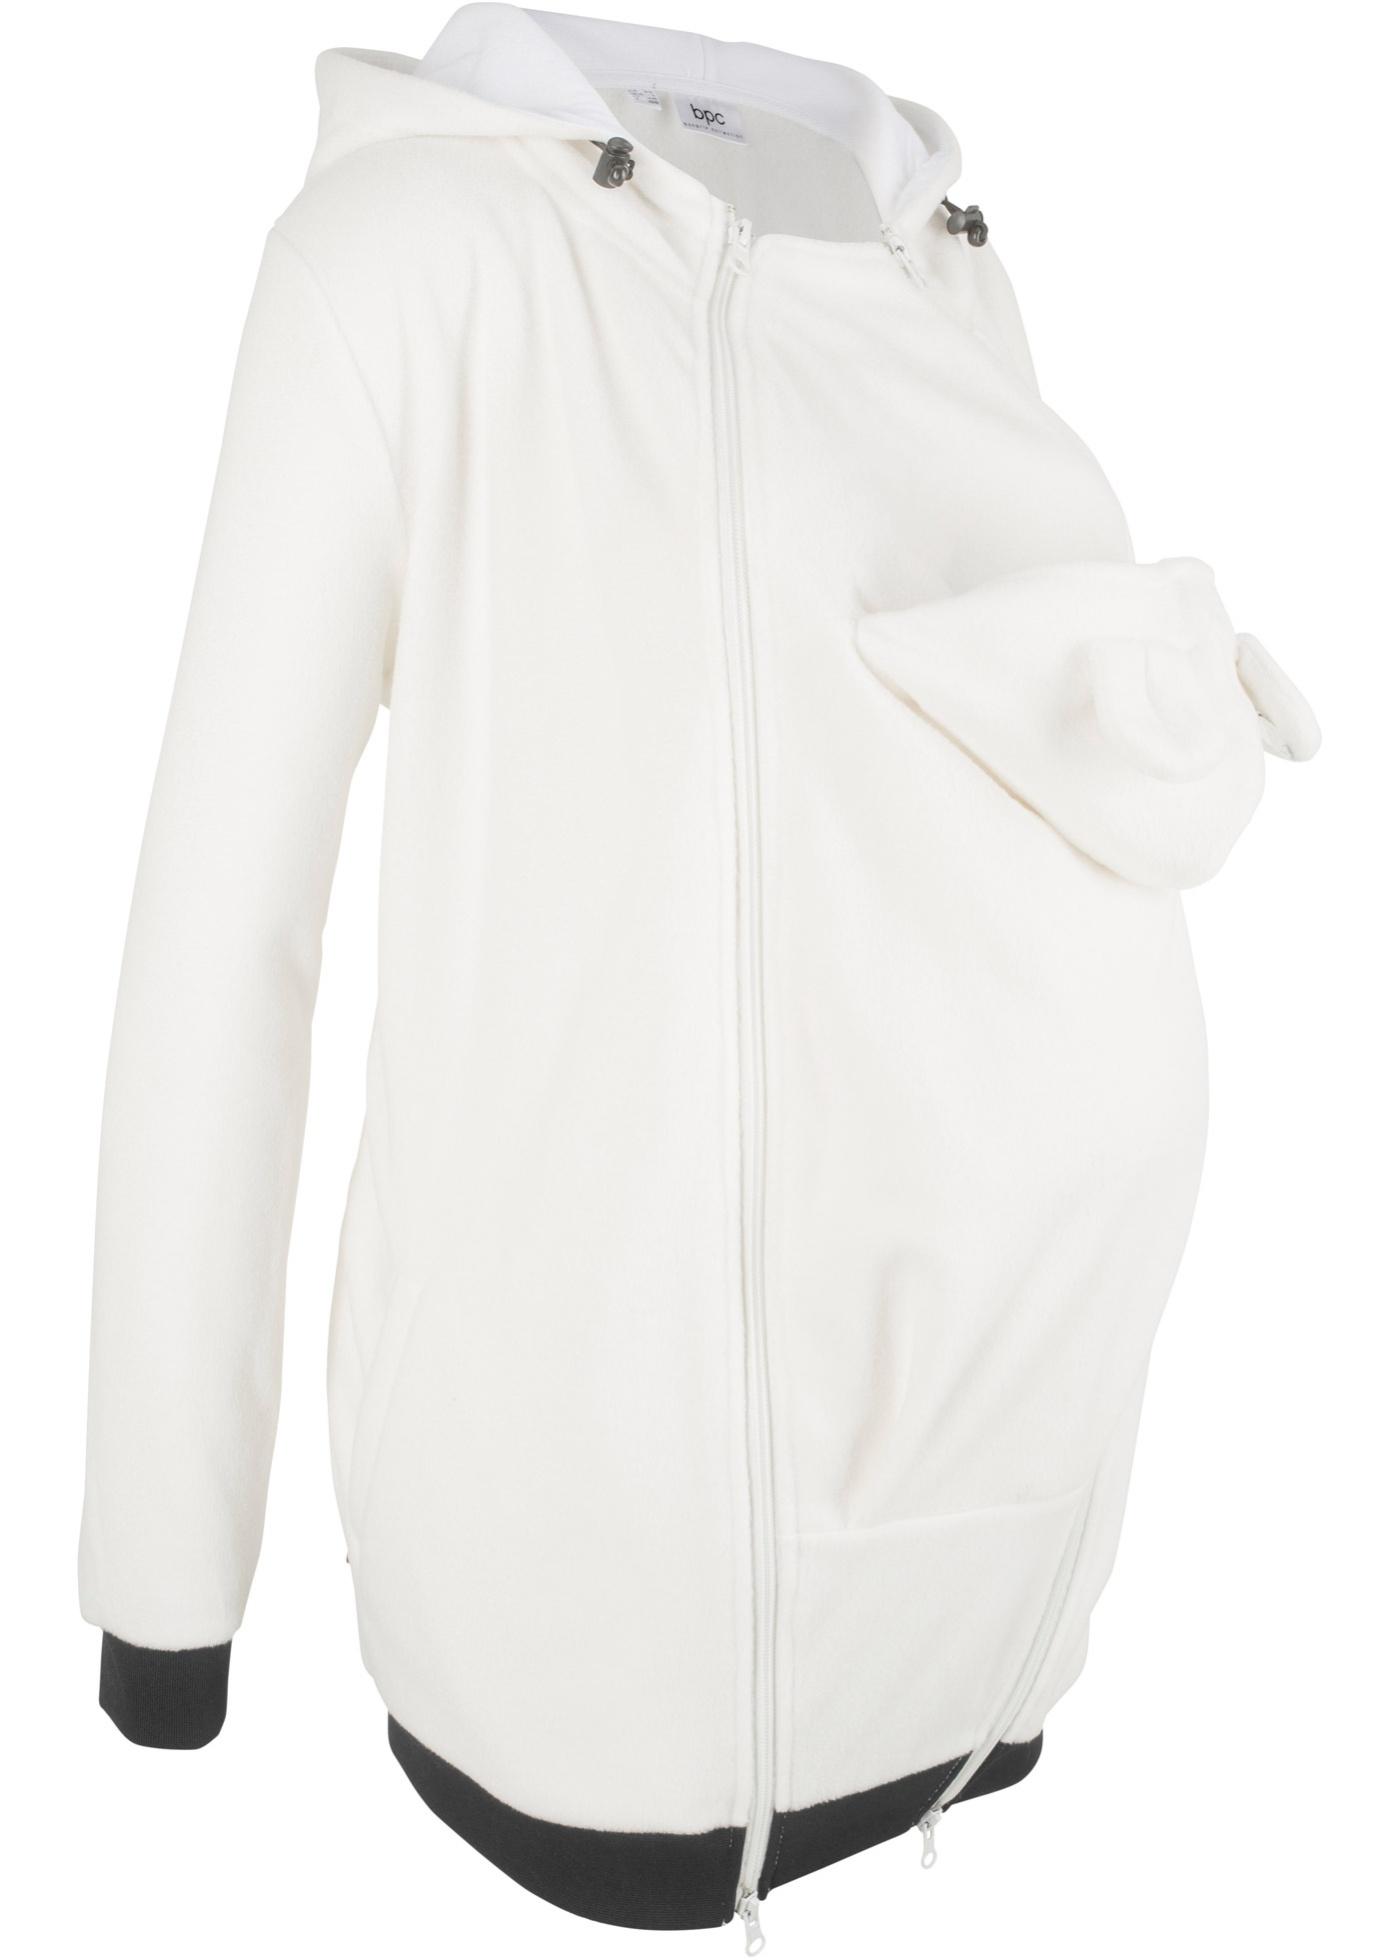 Veste en polaire de grossesse avec empi?cement pour bébé pour la grossesse & apr?s